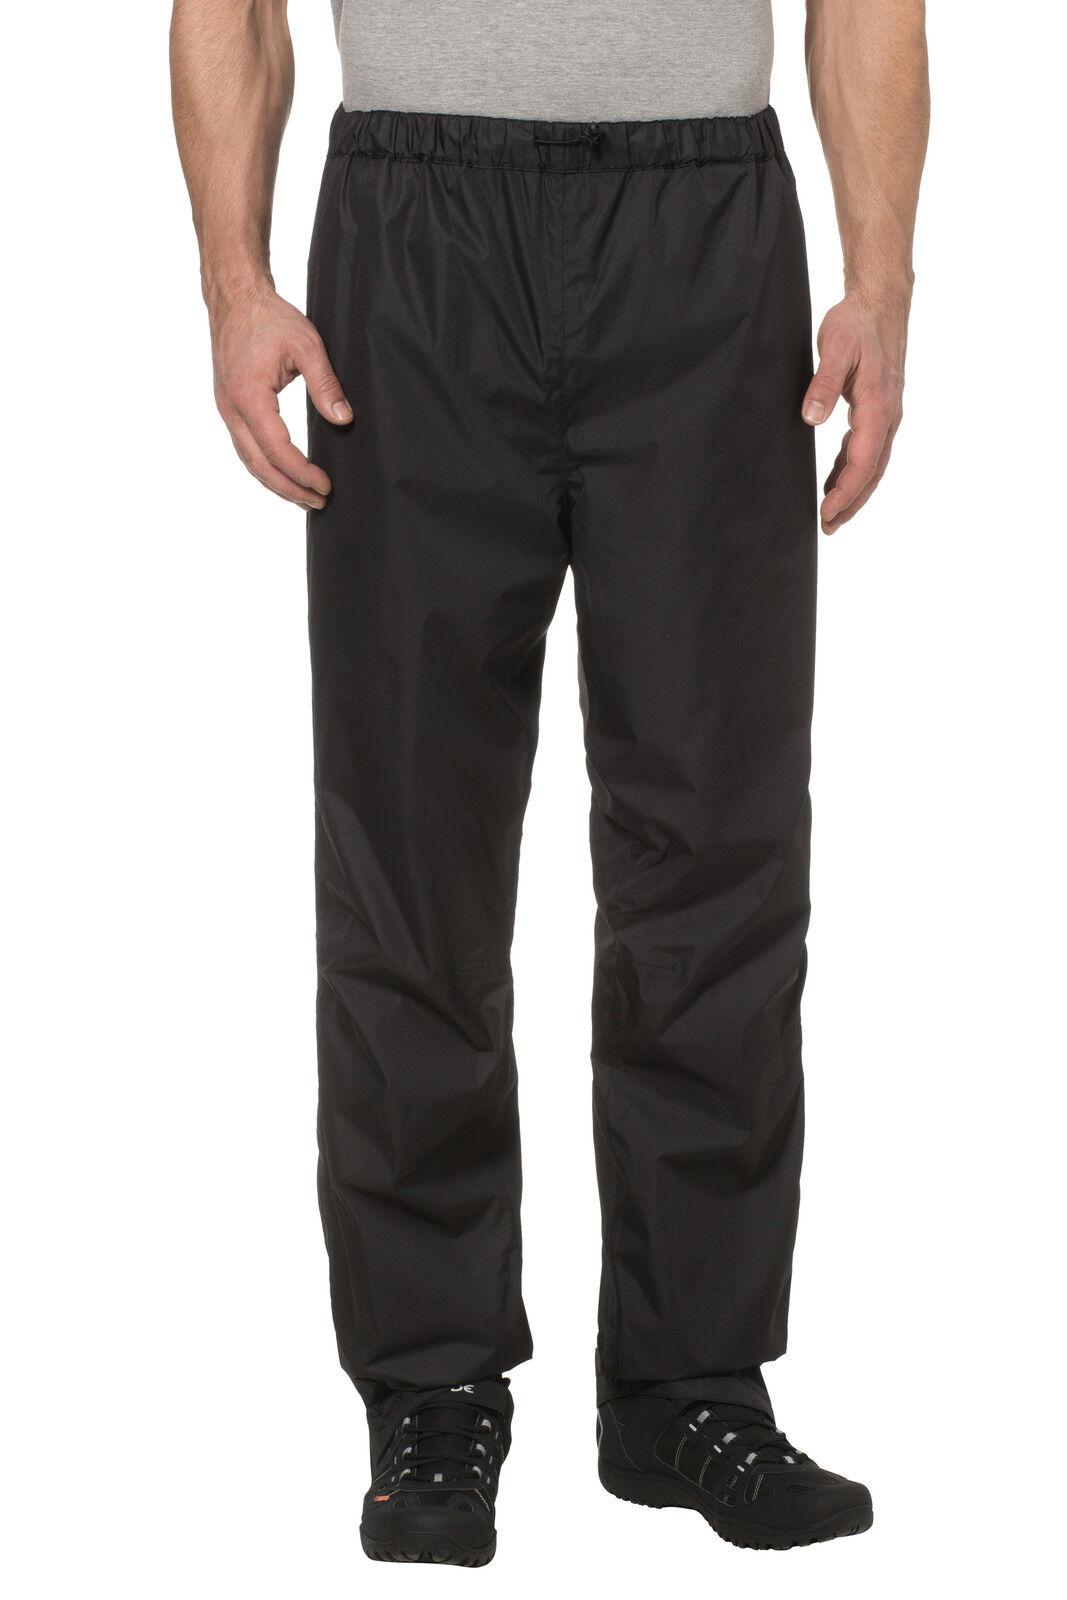 Vaude FLUIDO Pants Vento misurata II e impermeabile traspirante Sovrapantaloni prezzo consigliato £80